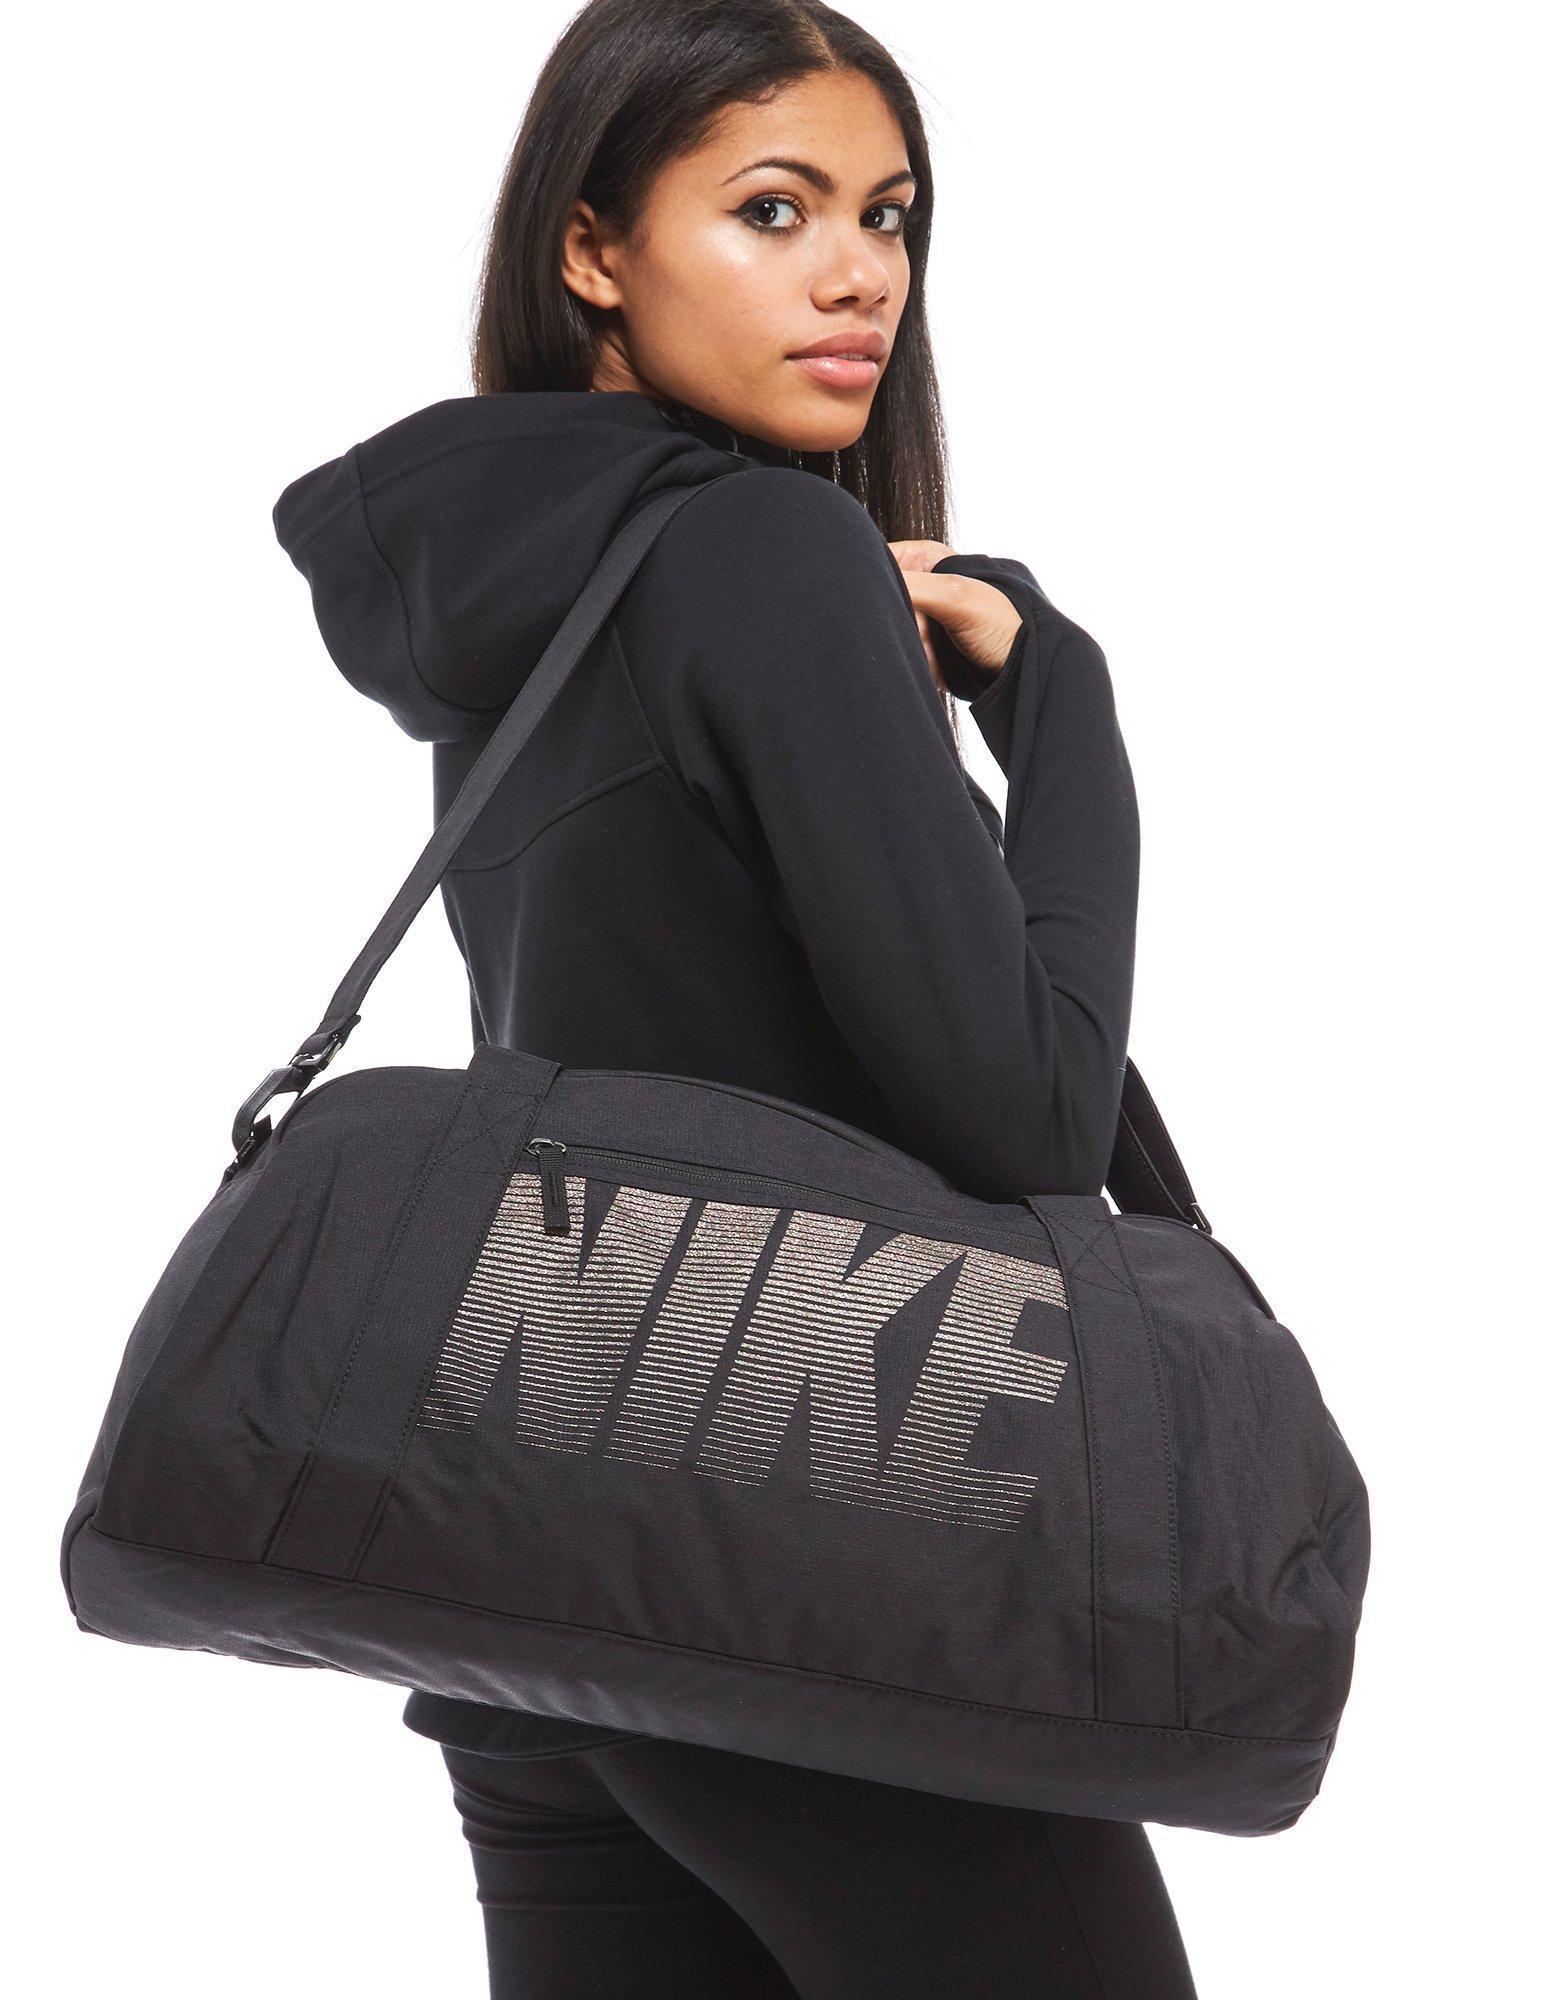 e3c23e2584f42b Nike Gym Club Training Duffle Bag in Black for Men - Lyst